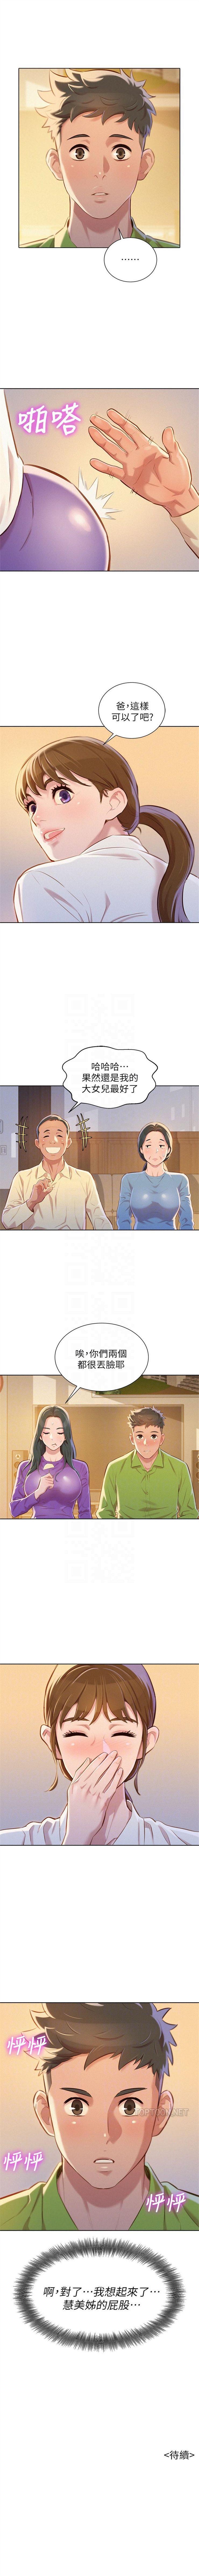 (週7)漂亮幹姐姐  1-92 中文翻譯 (更新中) 359